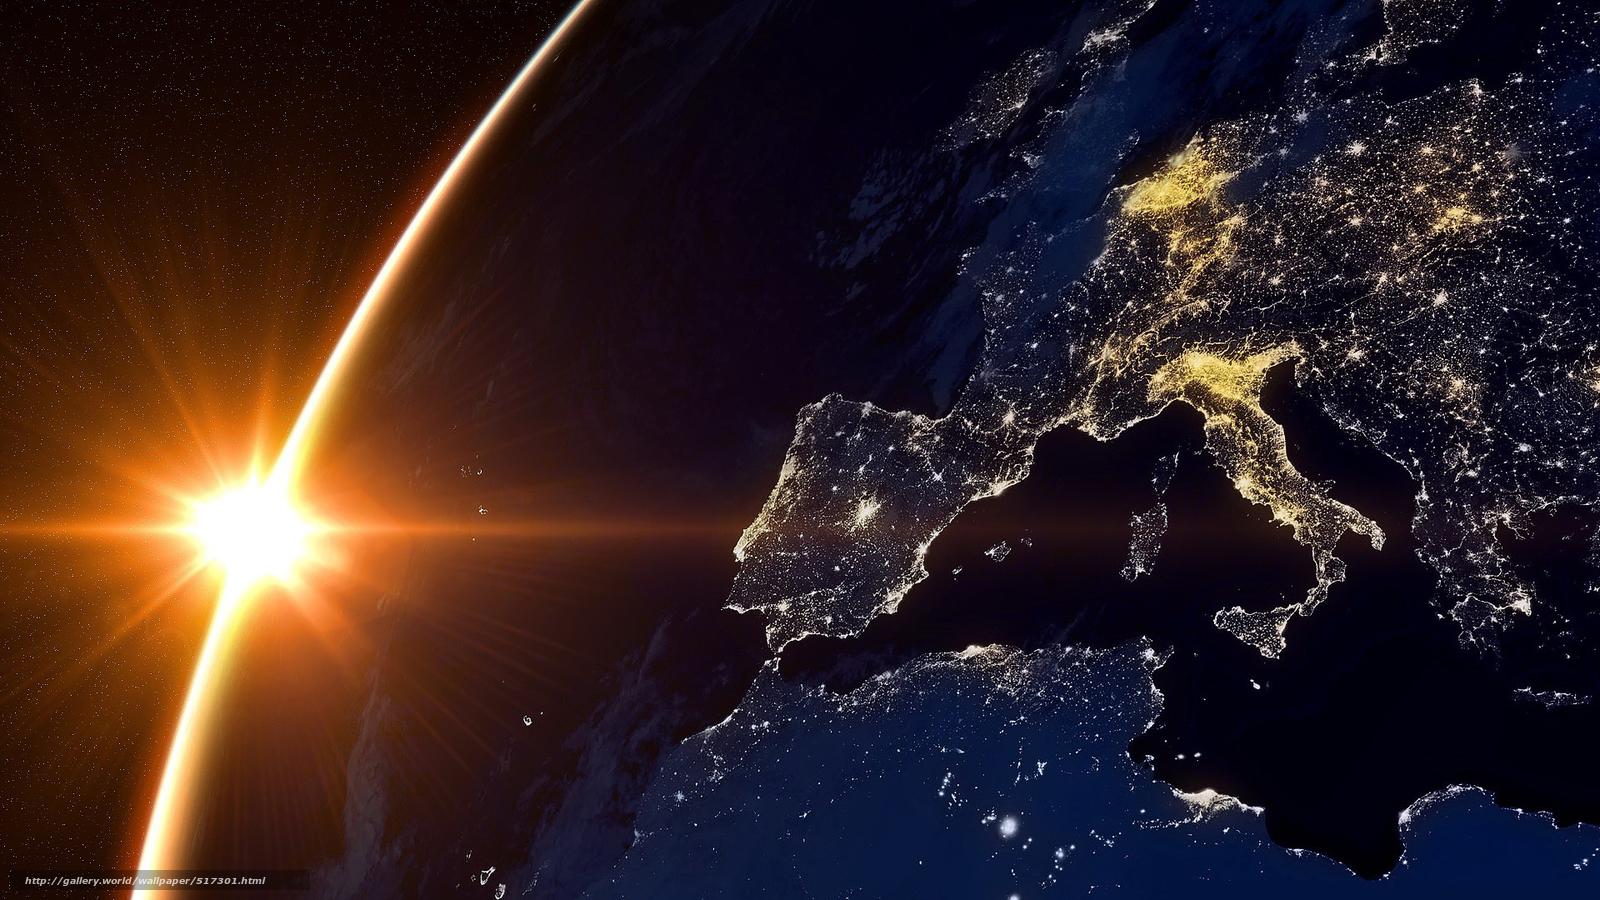 Scaricare gli sfondi spazio pianeta sole terra sfondi for Sfondi spazio